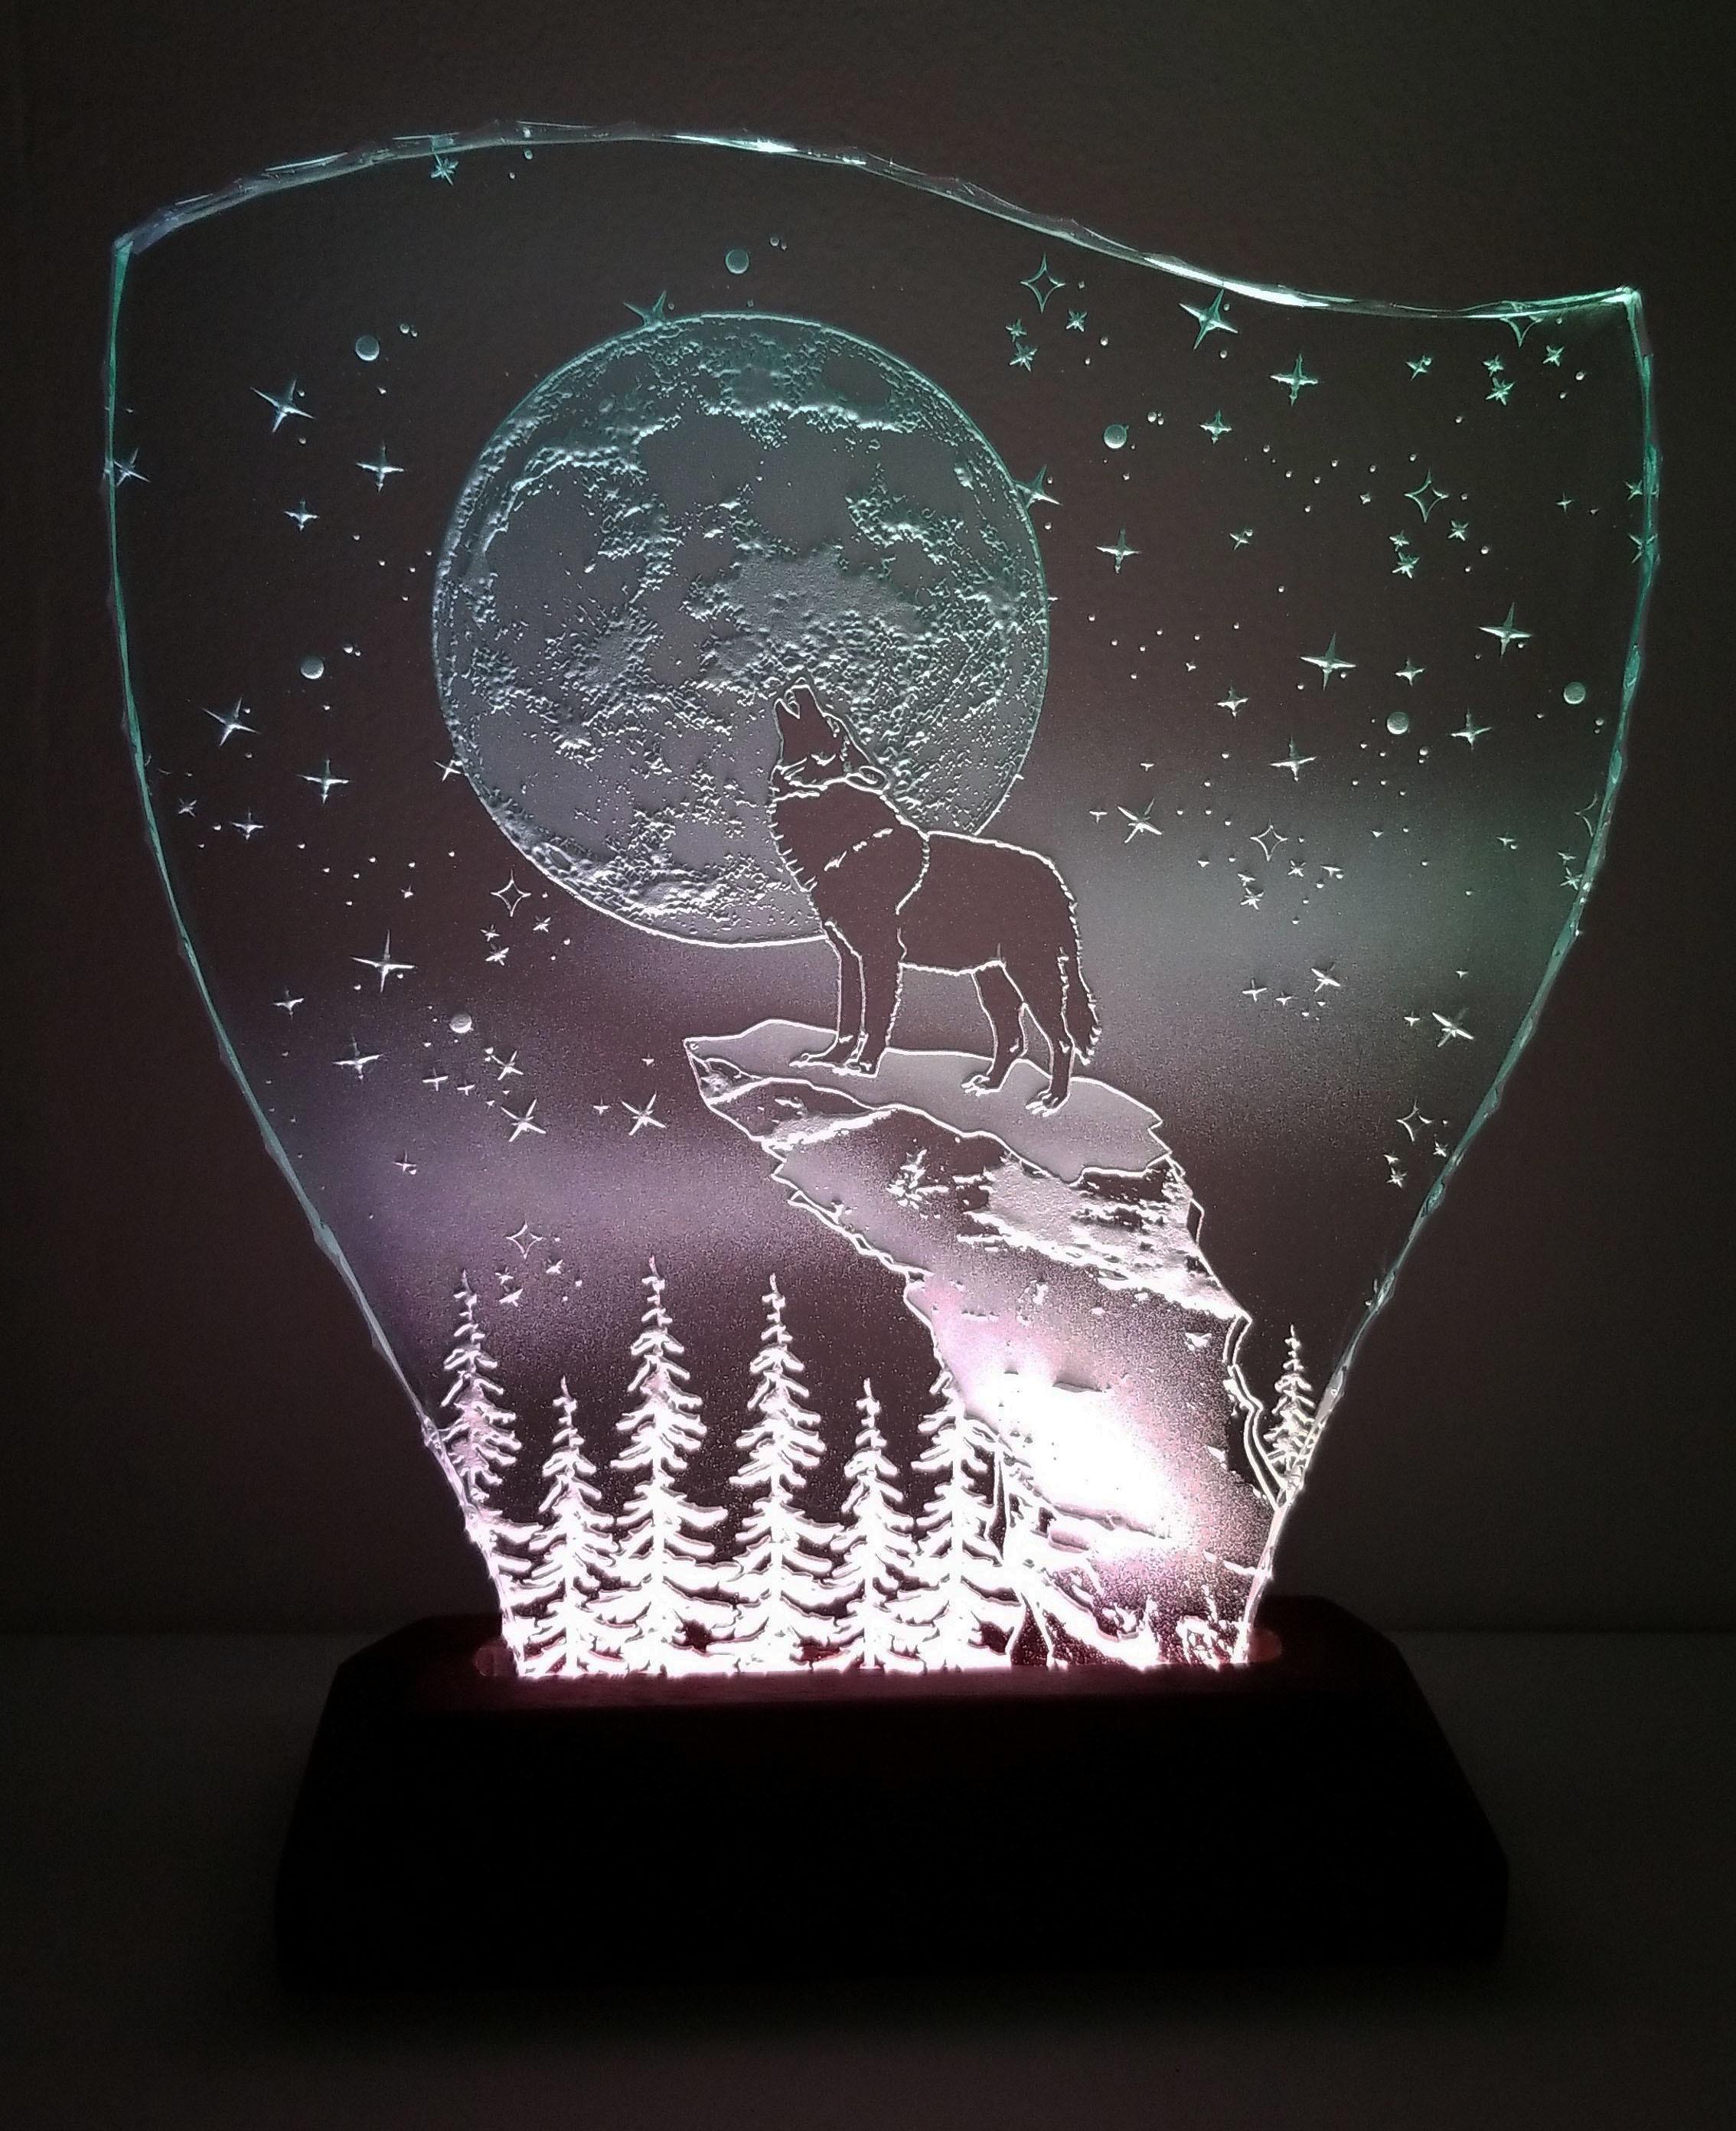 星月夜・オオカミ エッチングパネル Mサイズ・LEDスタンドセット